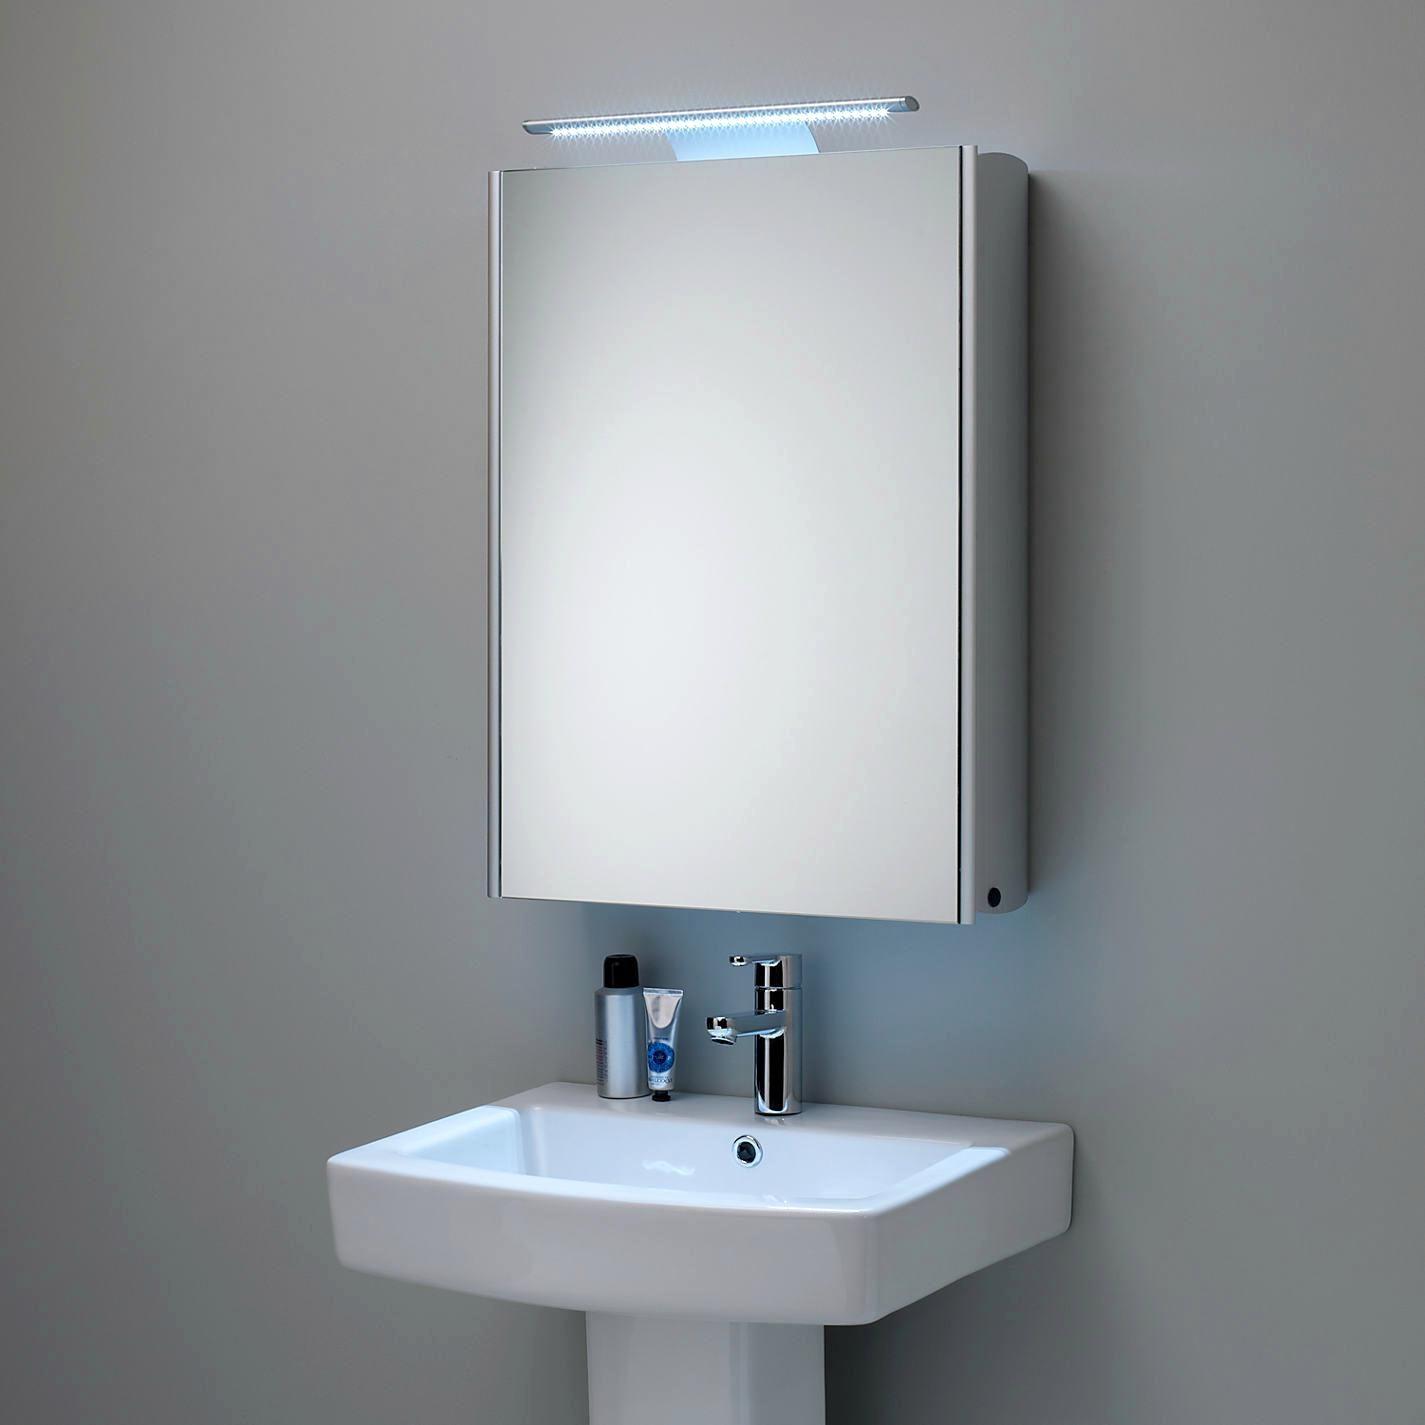 Slimline Badezimmer Kabinett Badezimmer Spiegelschrank